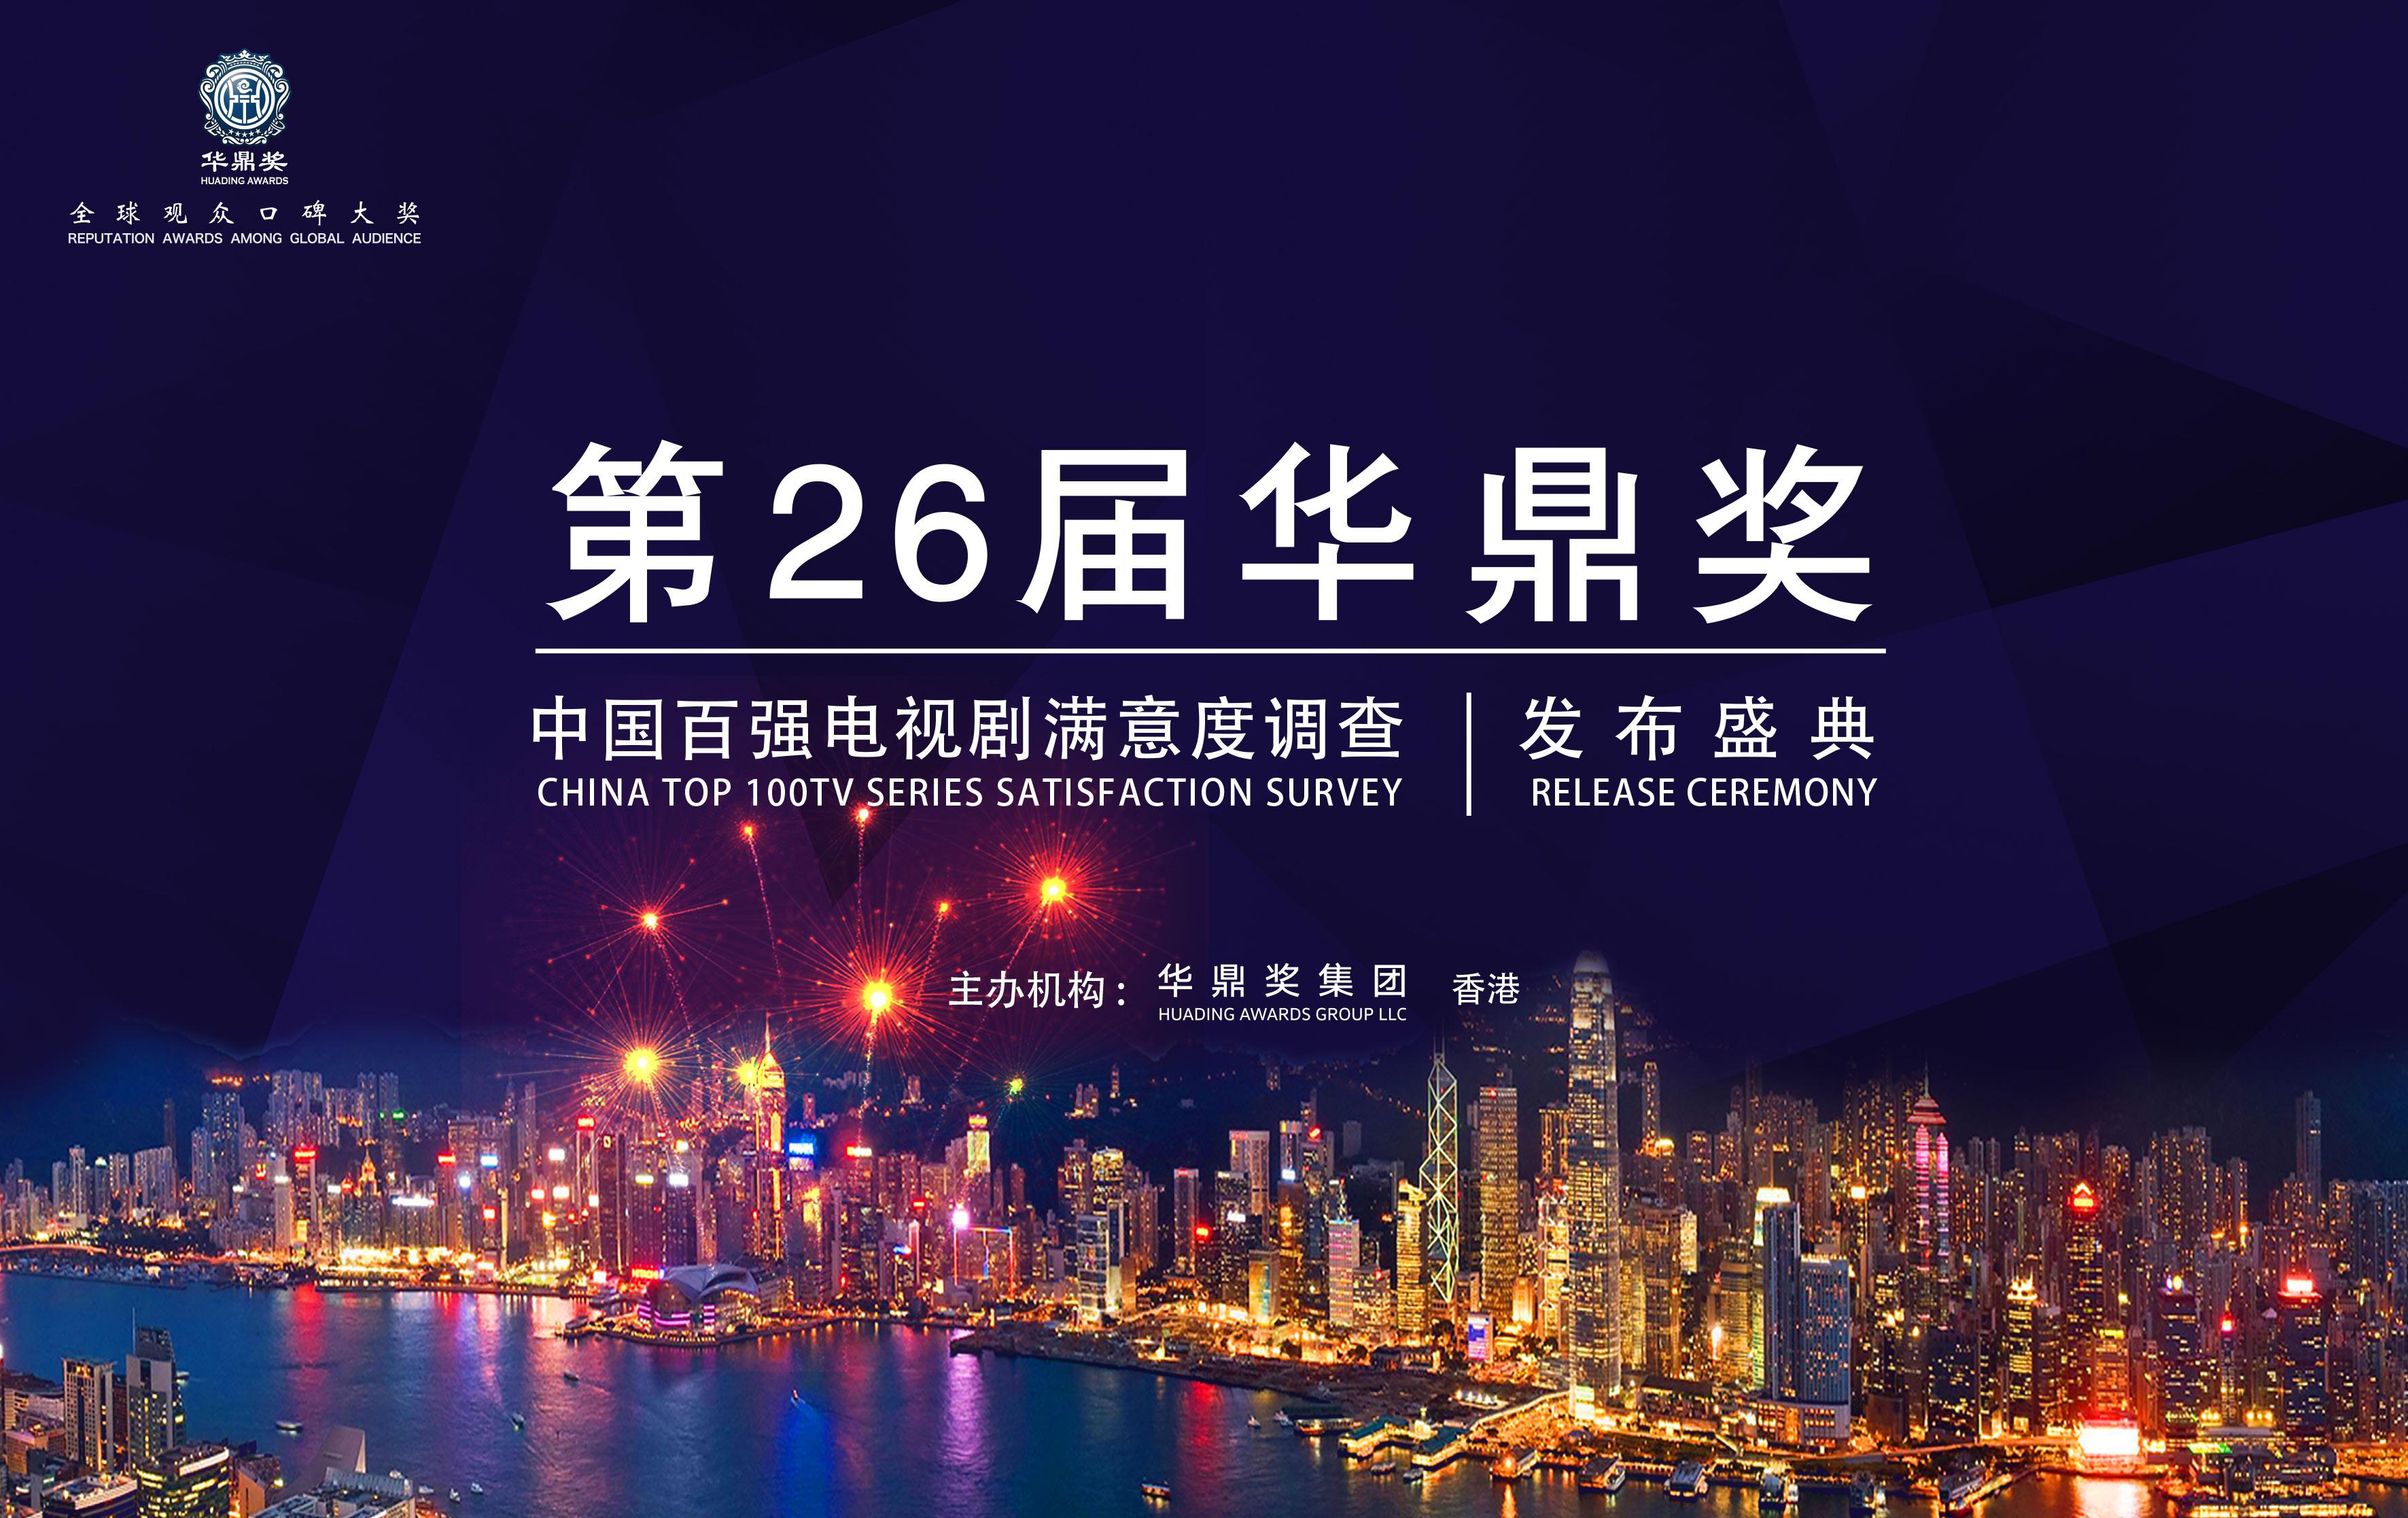 华鼎奖电视剧满意度调查启动 12月9日如期举办